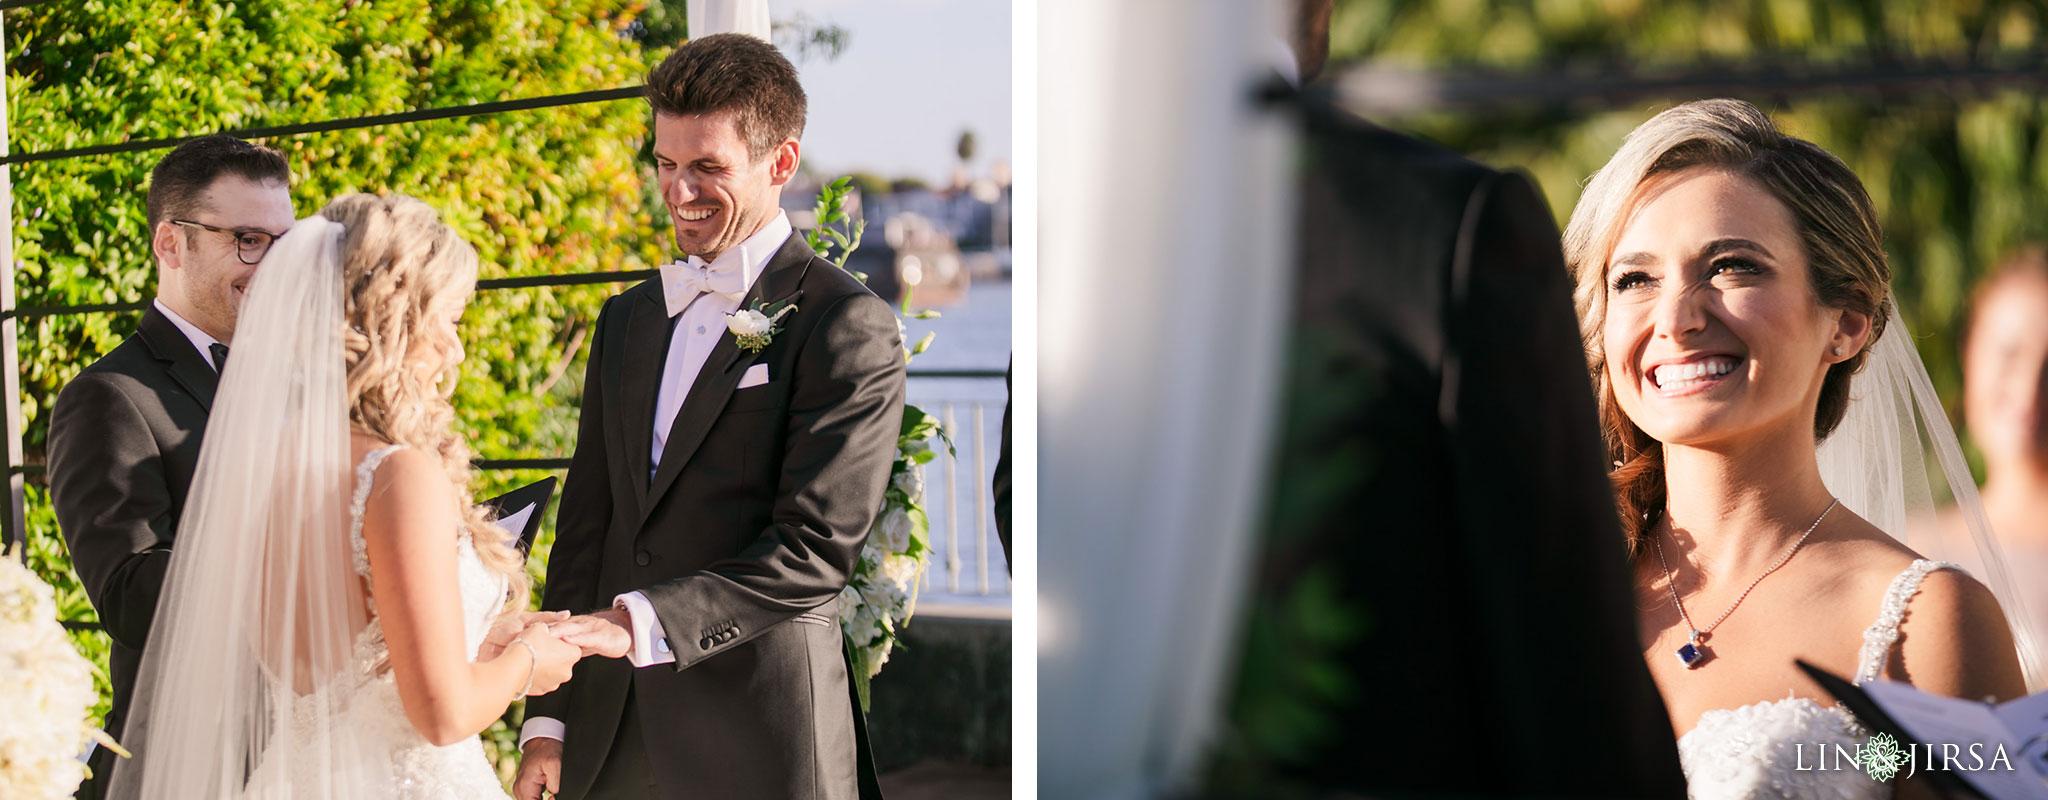 24 balboa bay wedding newport photography